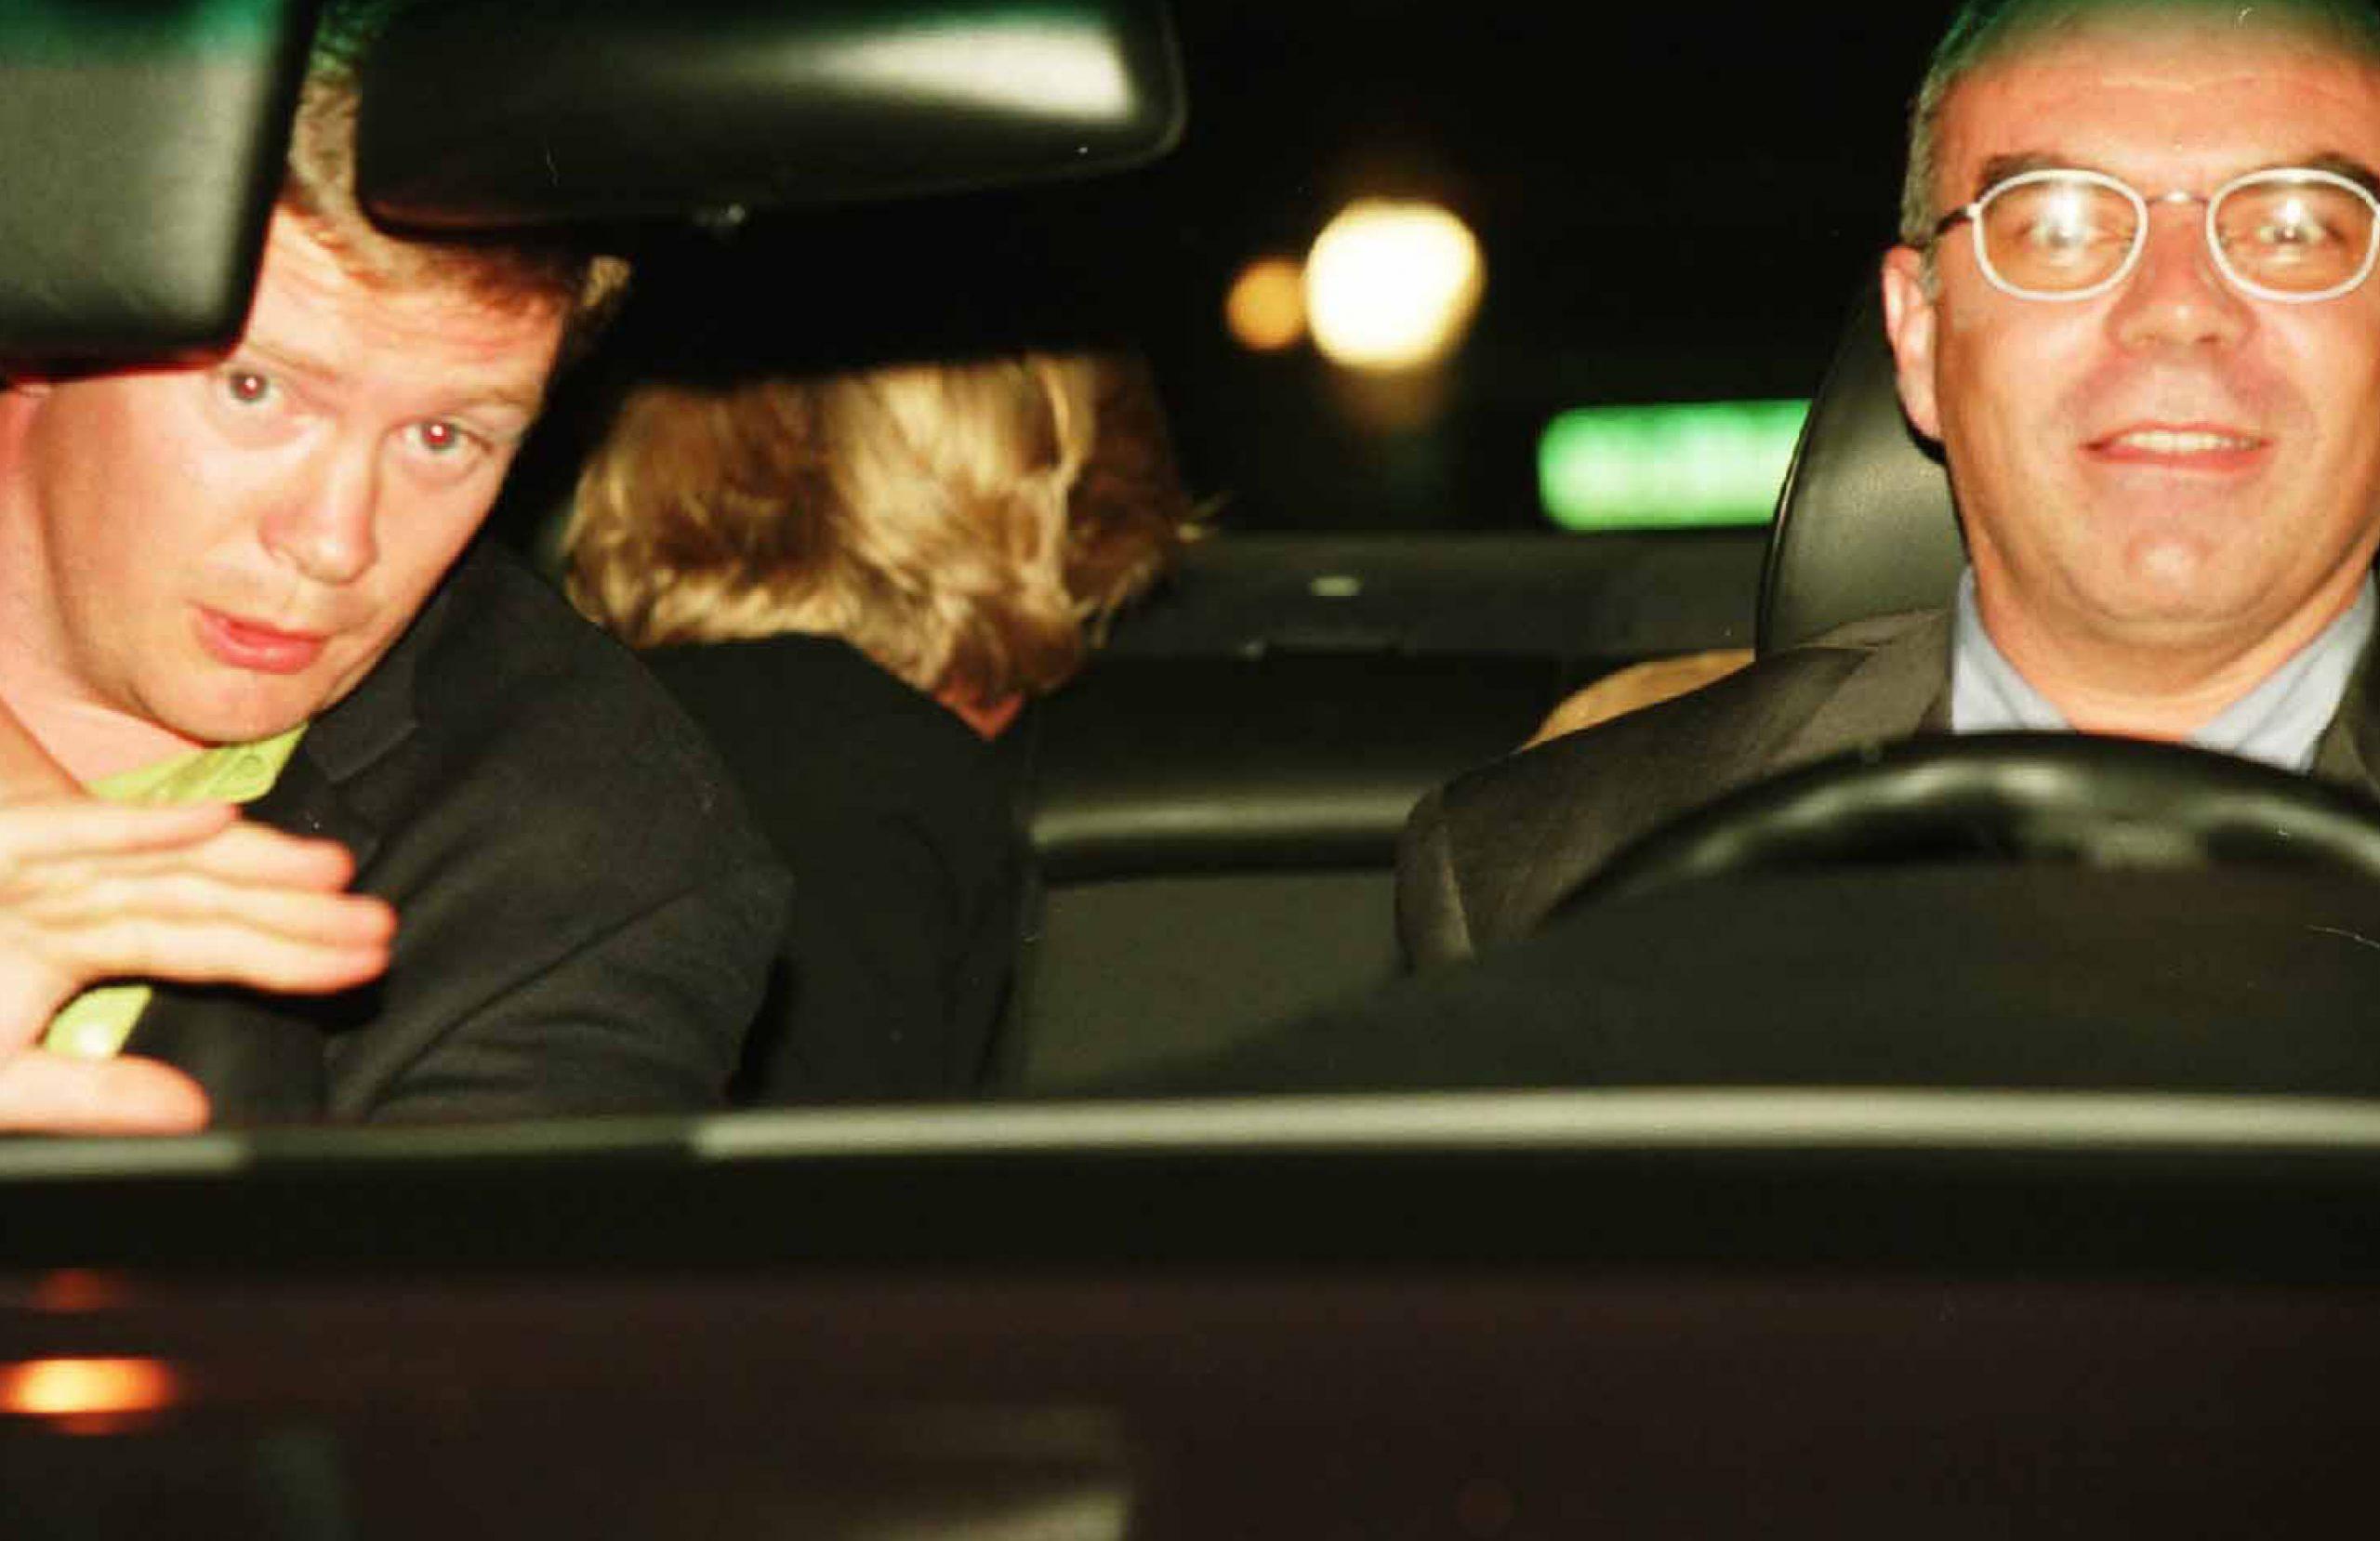 La princesse Diana assise à l'arrière d'une voiture à Paris quelques instants avant sa mort dans un accident de voiture.